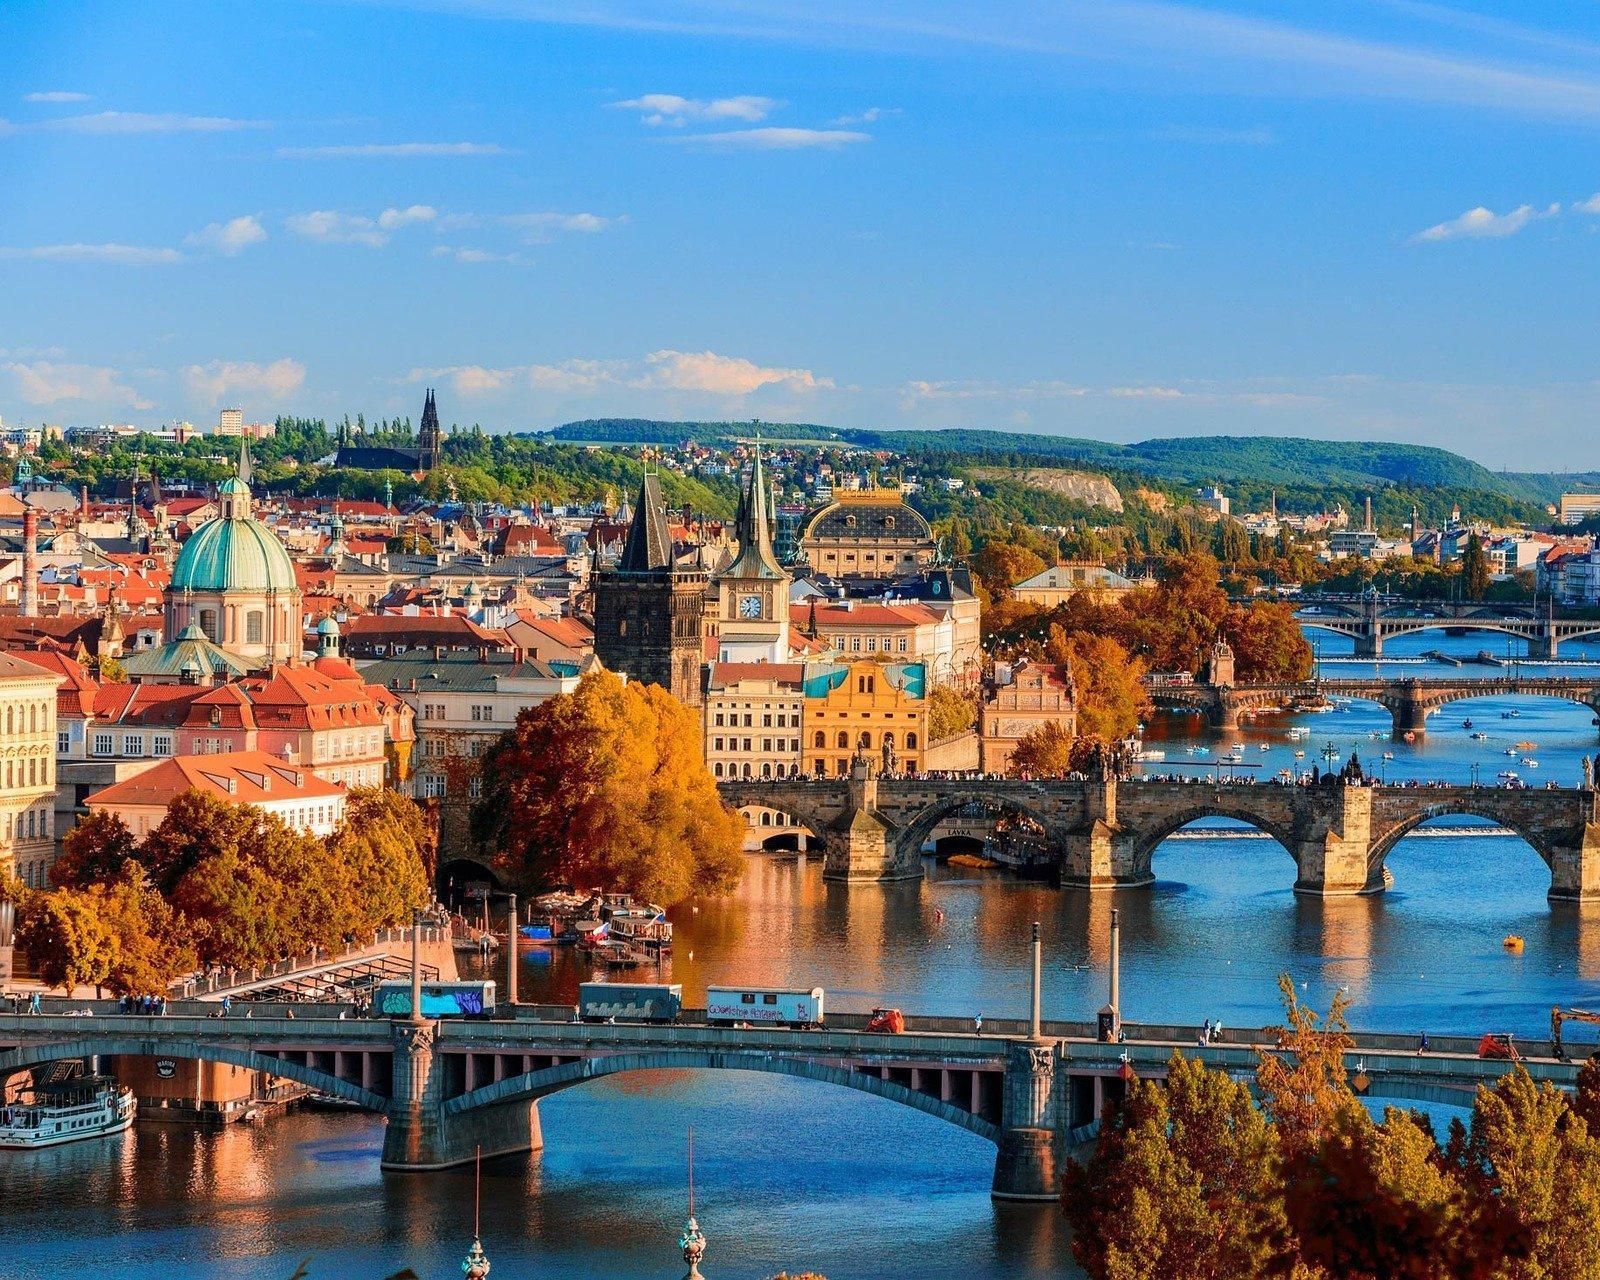 Hotel de 4 estrellas en Praga al mejor precio